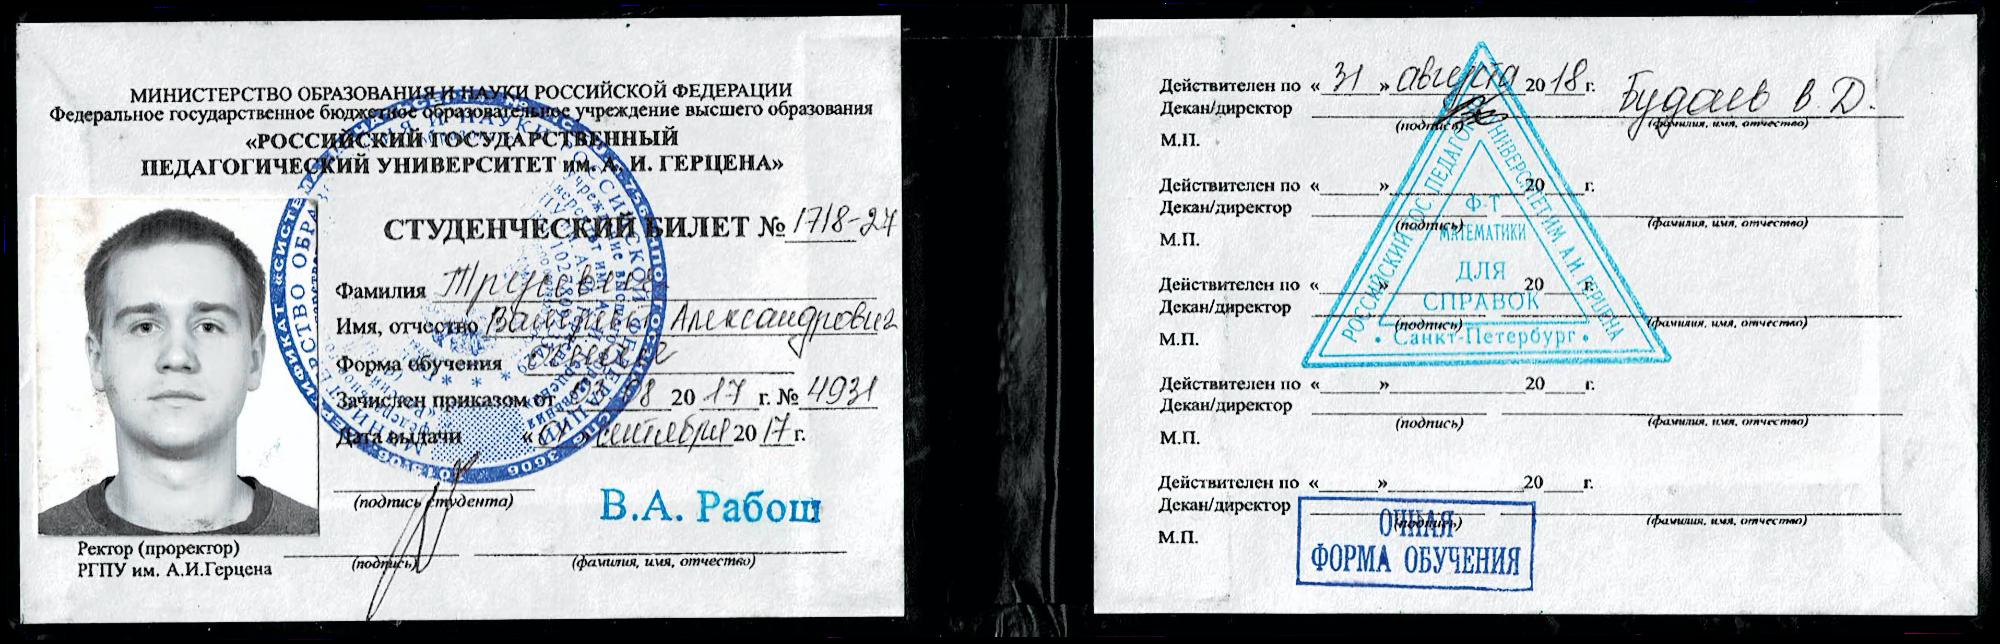 Студенческий билет, который я получил в РГПУ им. Герцена